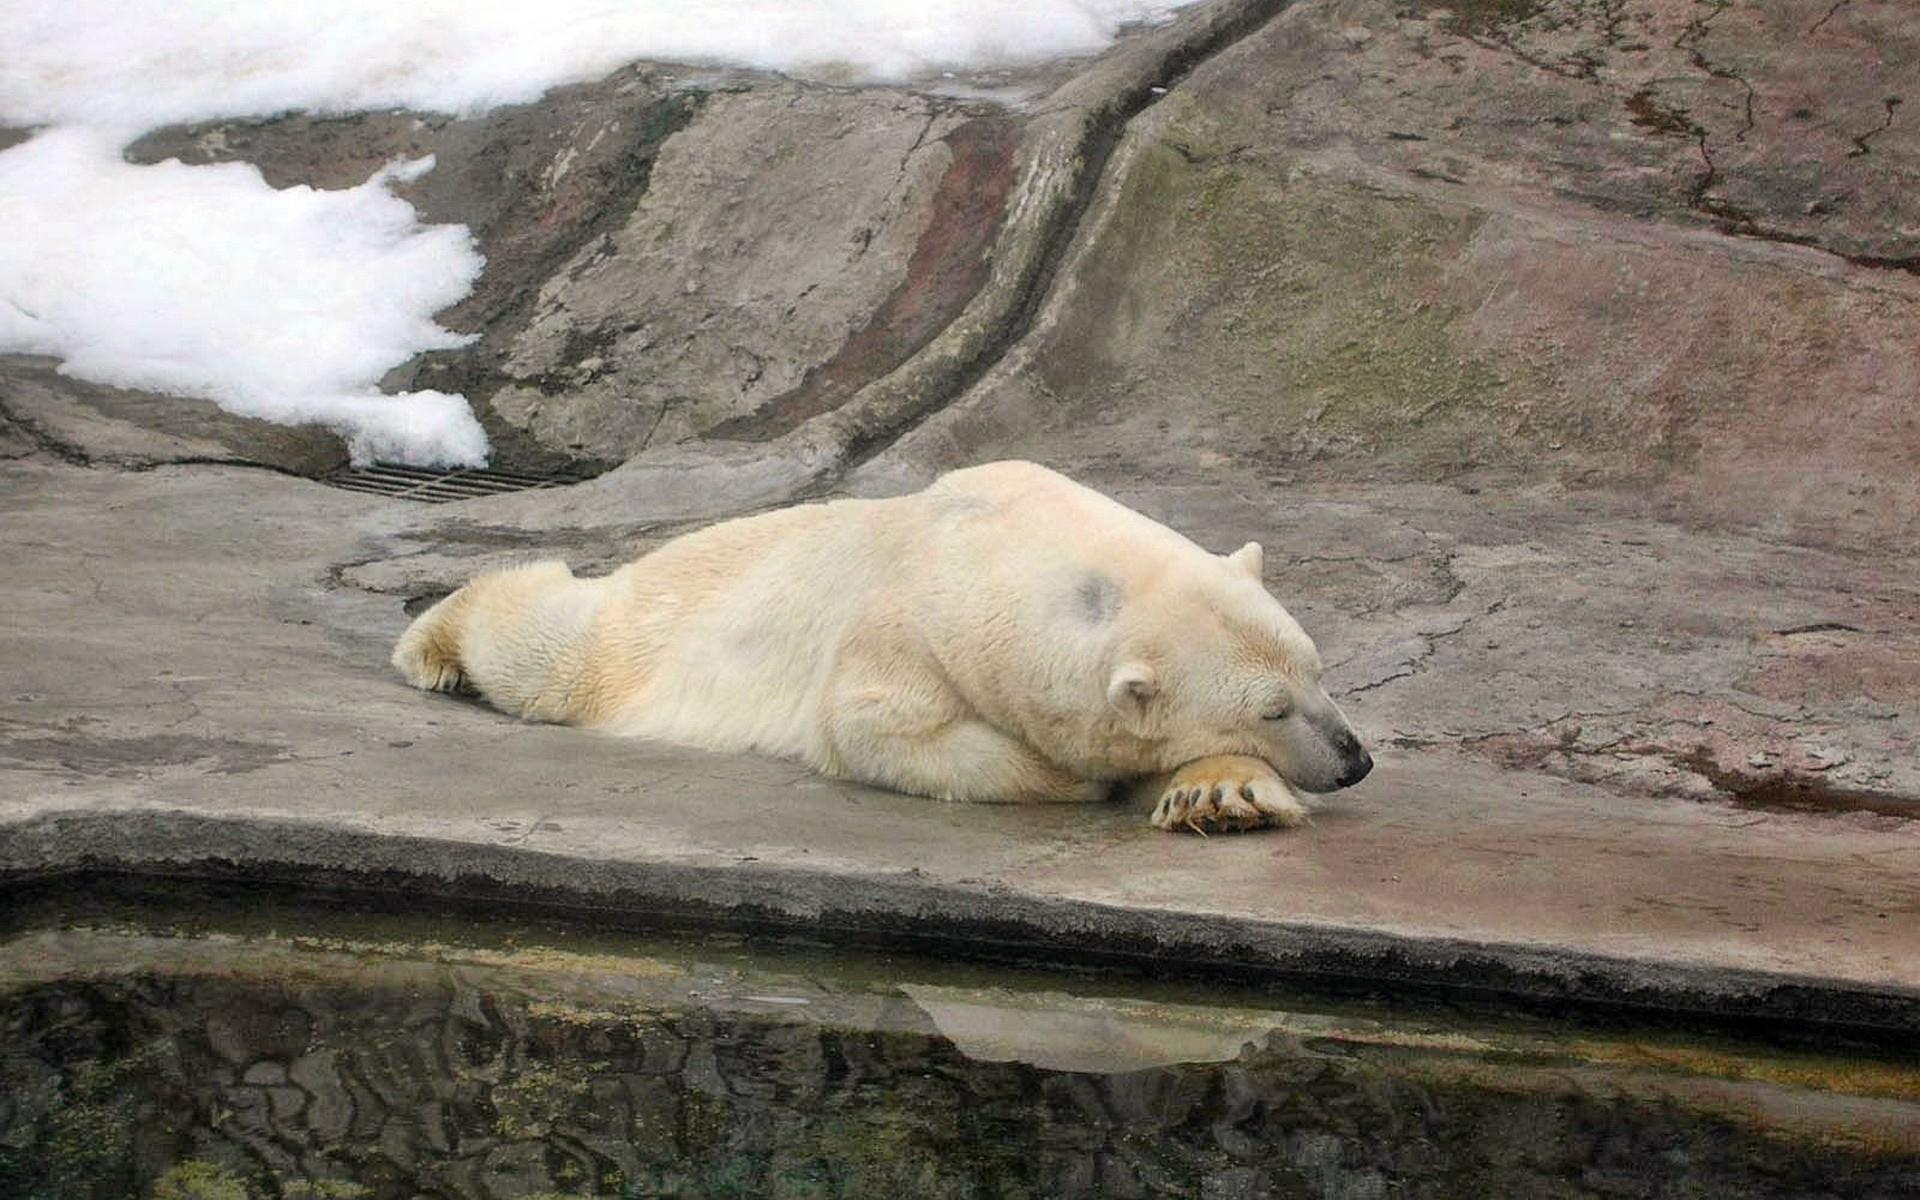 смешные картинки с медведями которые спят такие элементы